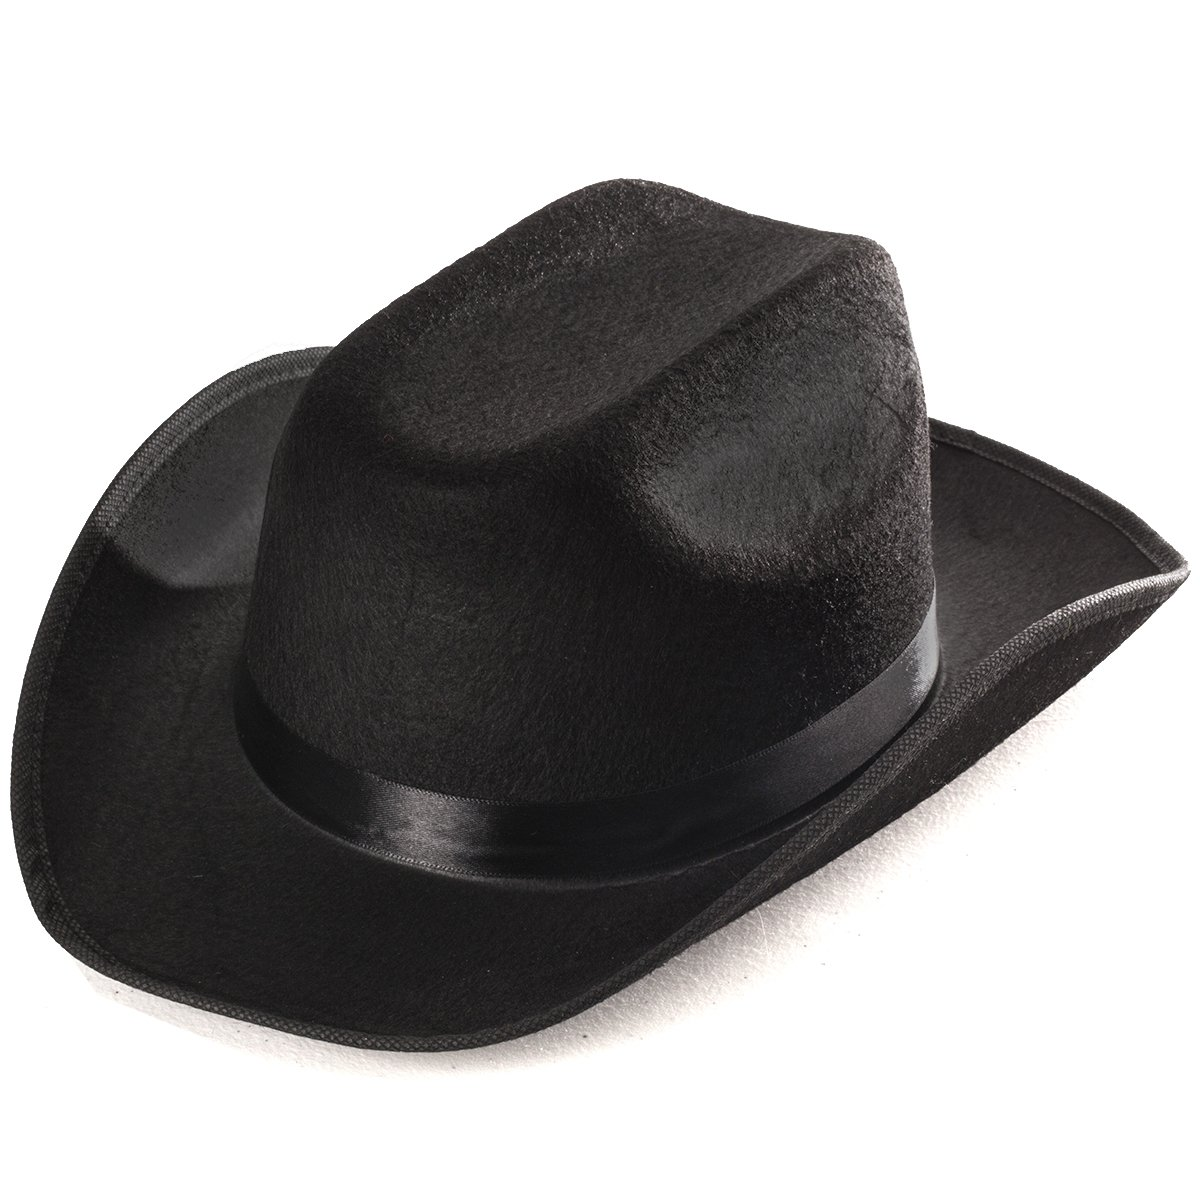 f93f853fff6 Black Cowboy Hat - Cowboy Hats - Western Hat - Unisex Adult Cowboy Hat -  Cowboy